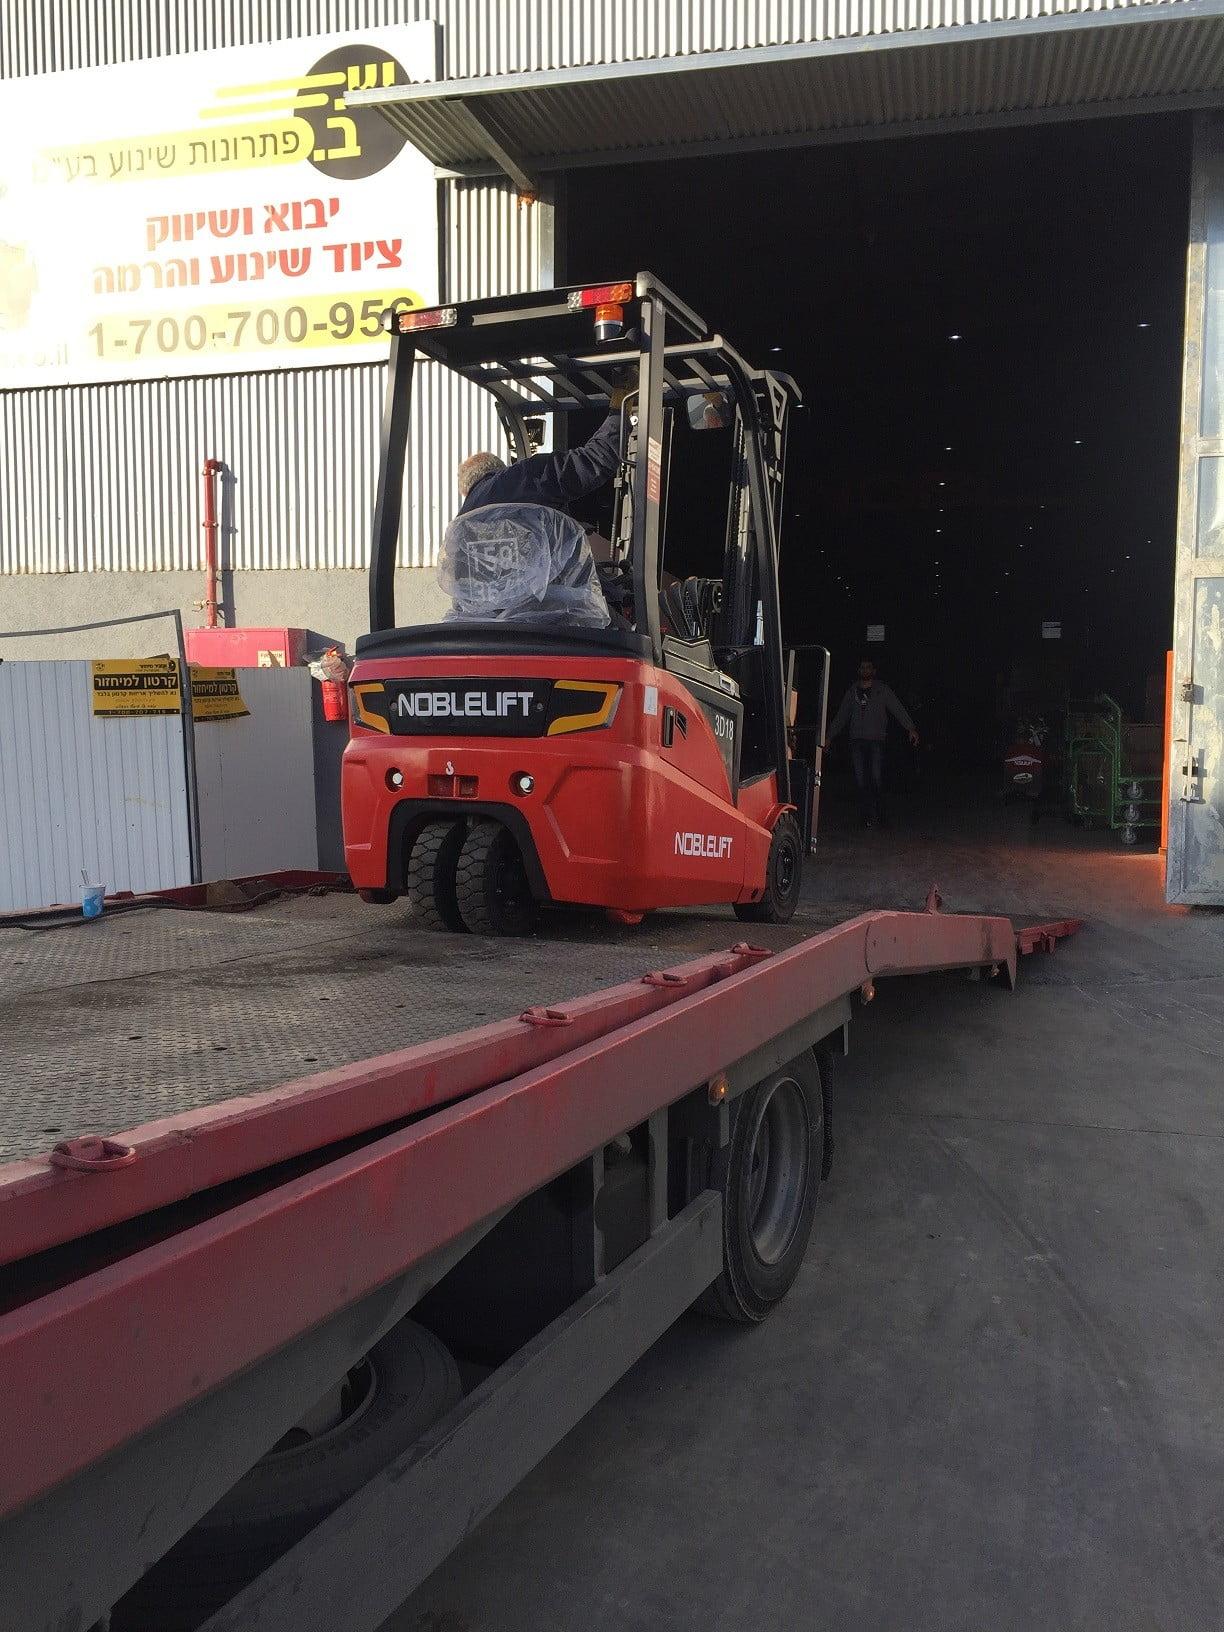 חשמלית שלש גלגלים 1.8 טוןאספקה ללקוח לאספקת מזגנים e1515749951773 - מלגזה חשמלית 1.8 טון אספקה למשווק מזגנים